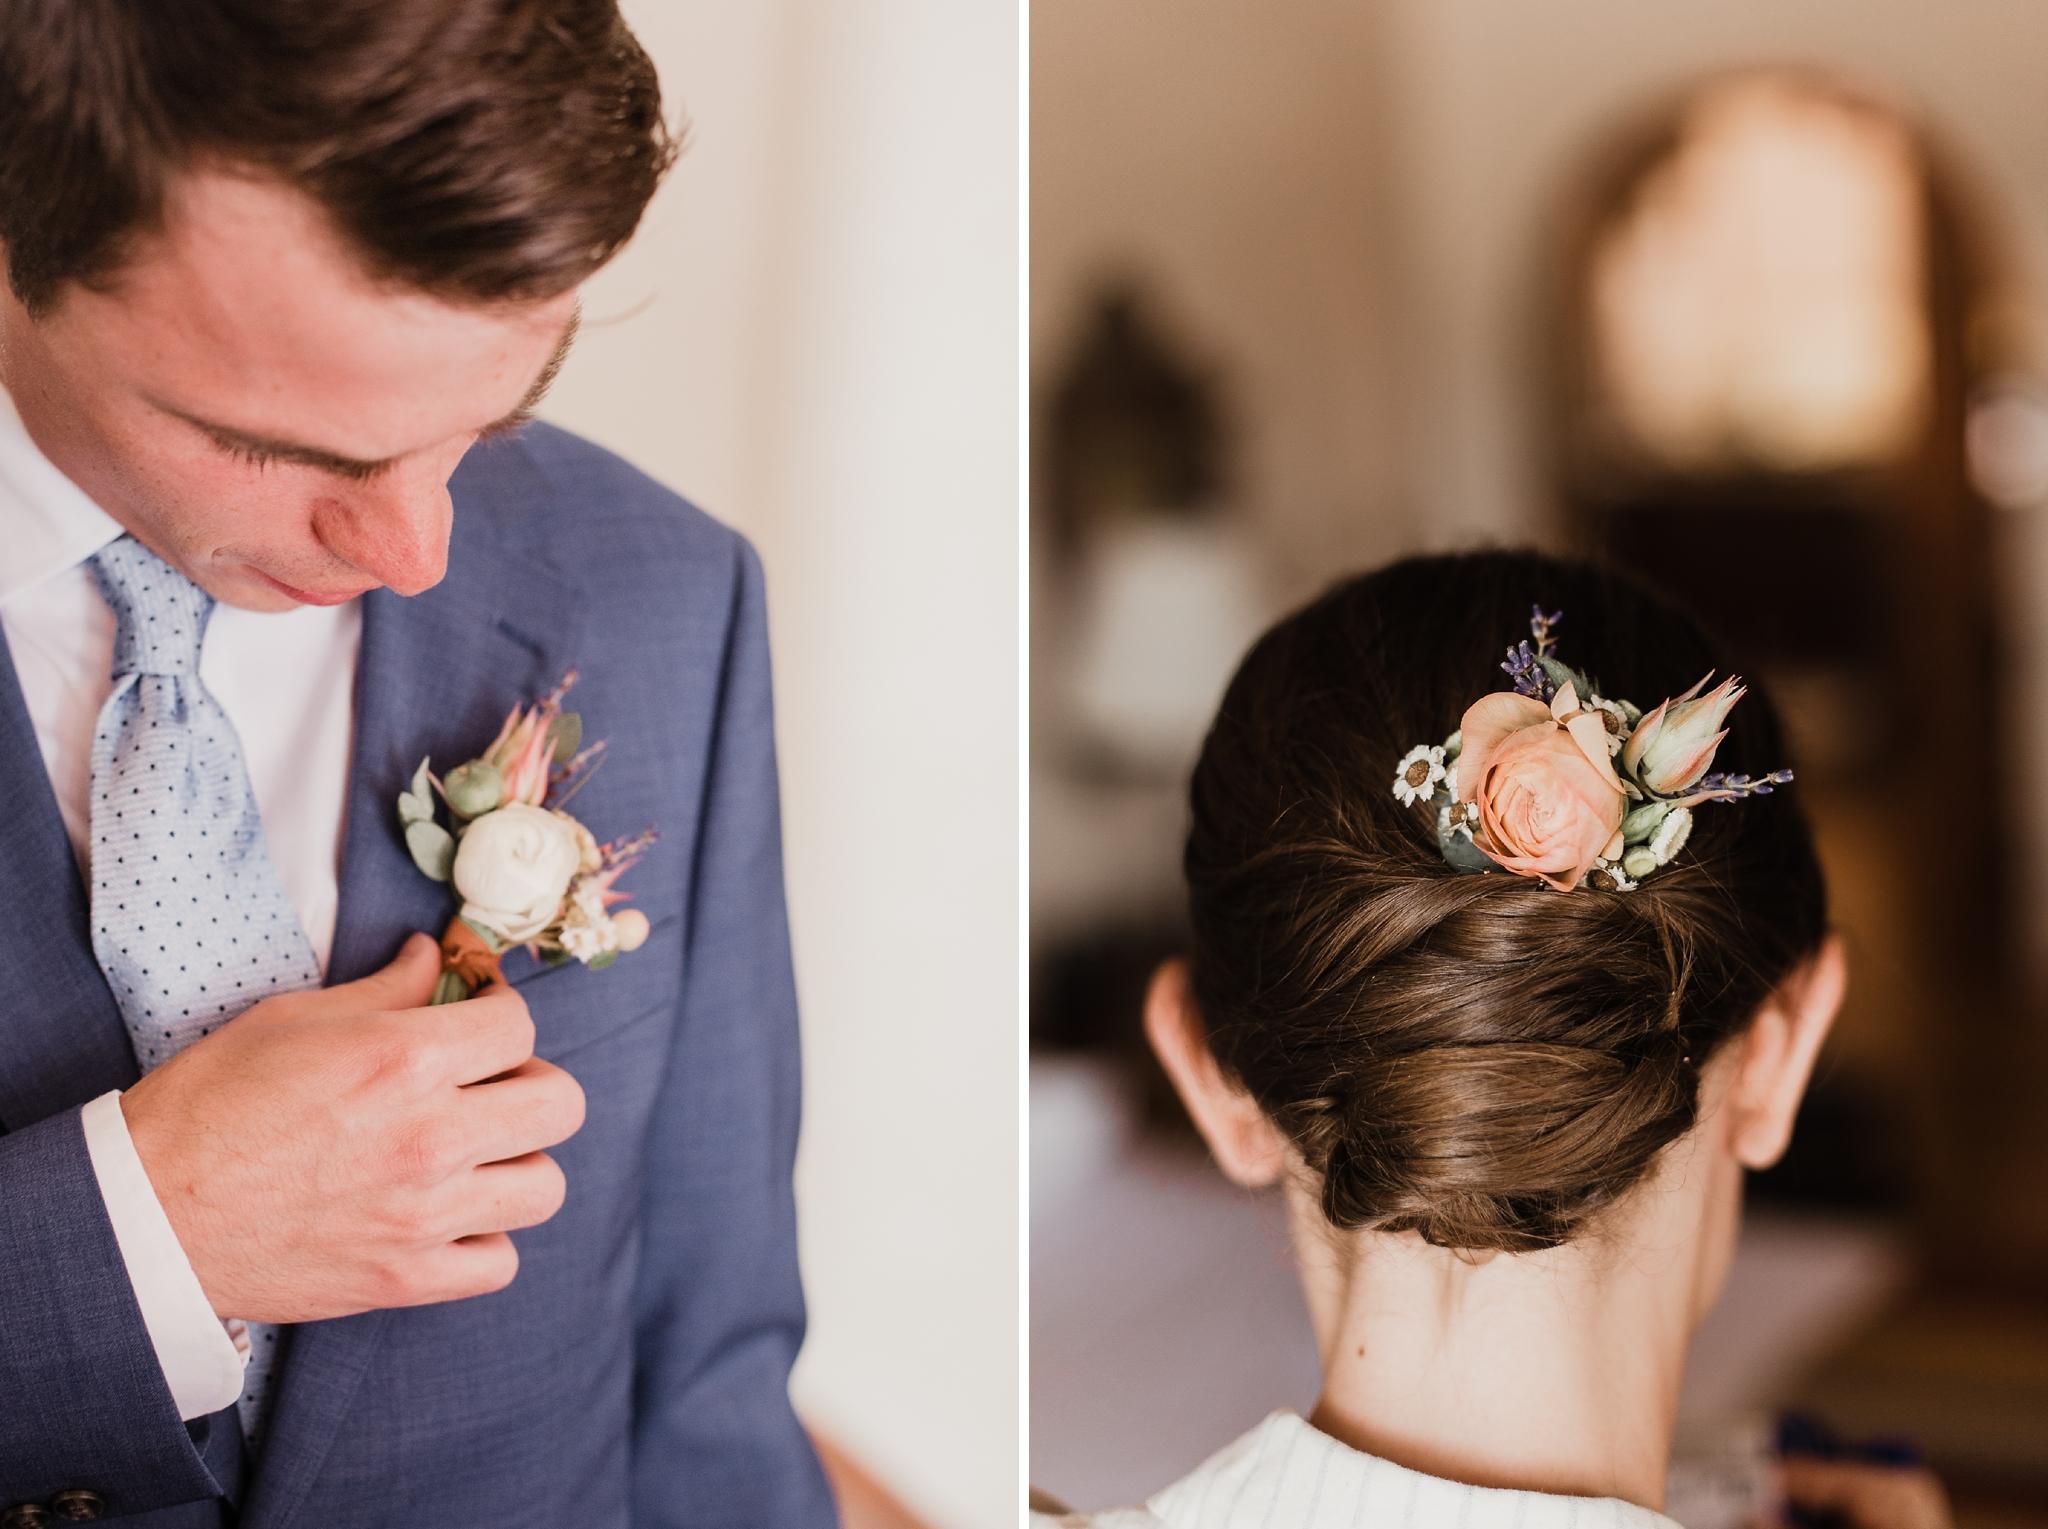 Alicia+lucia+photography+-+albuquerque+wedding+photographer+-+santa+fe+wedding+photography+-+new+mexico+wedding+photographer+-+new+mexico+wedding+-+summer+wedding+-+summer+wedding+florals+-+southwest+wedding_0053.jpg